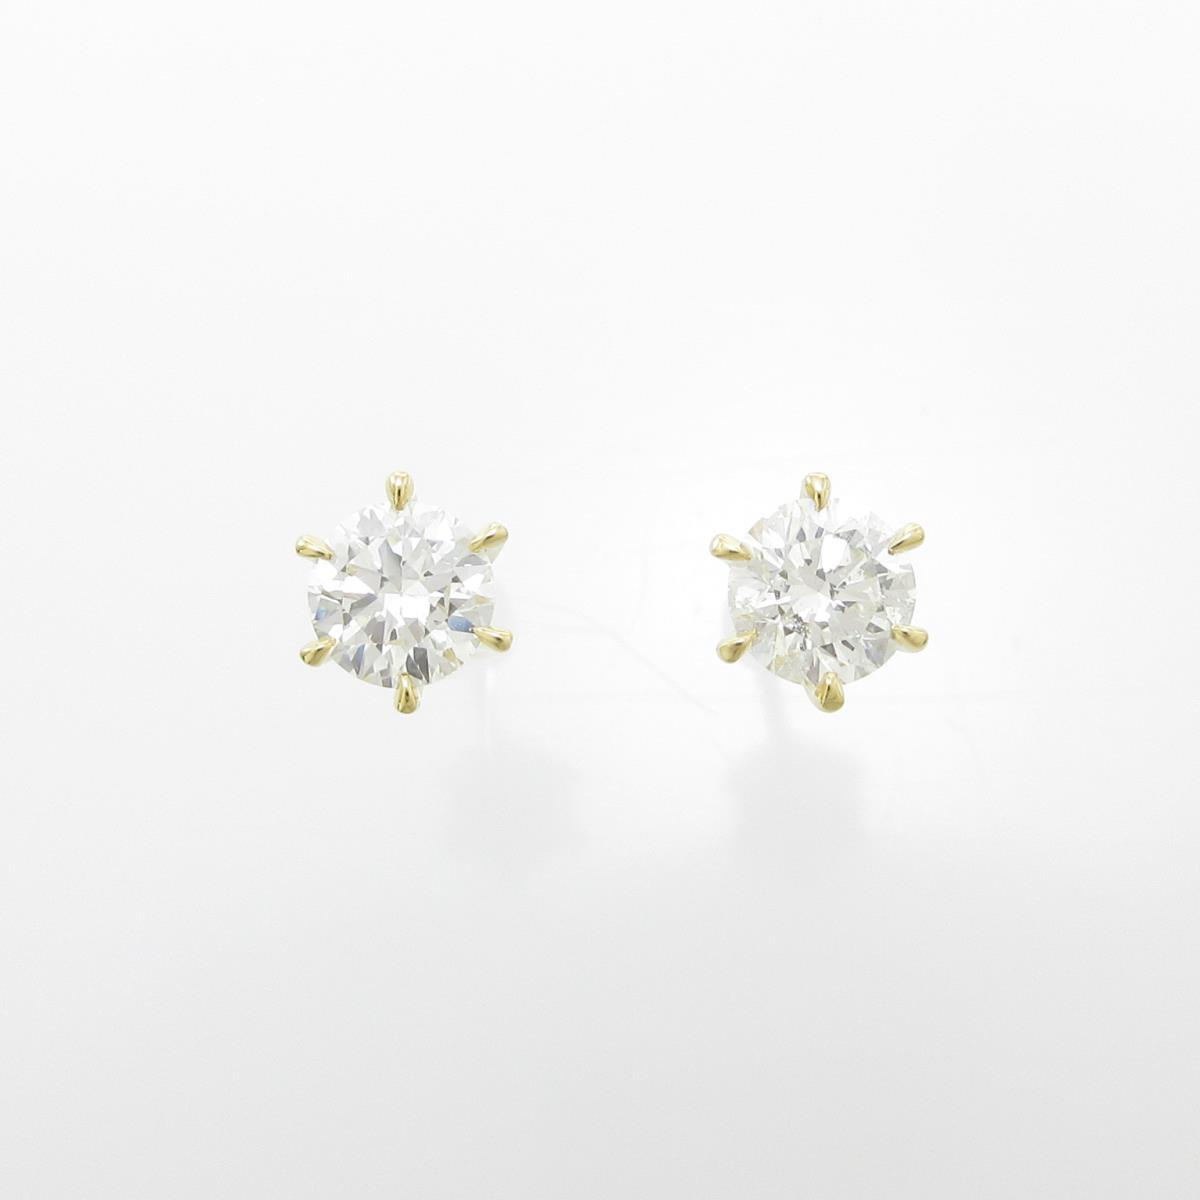 【新品】K18YG ダイヤモンドピアス 0.310ct・0.300ct・E・SI2・GOOD【新品】